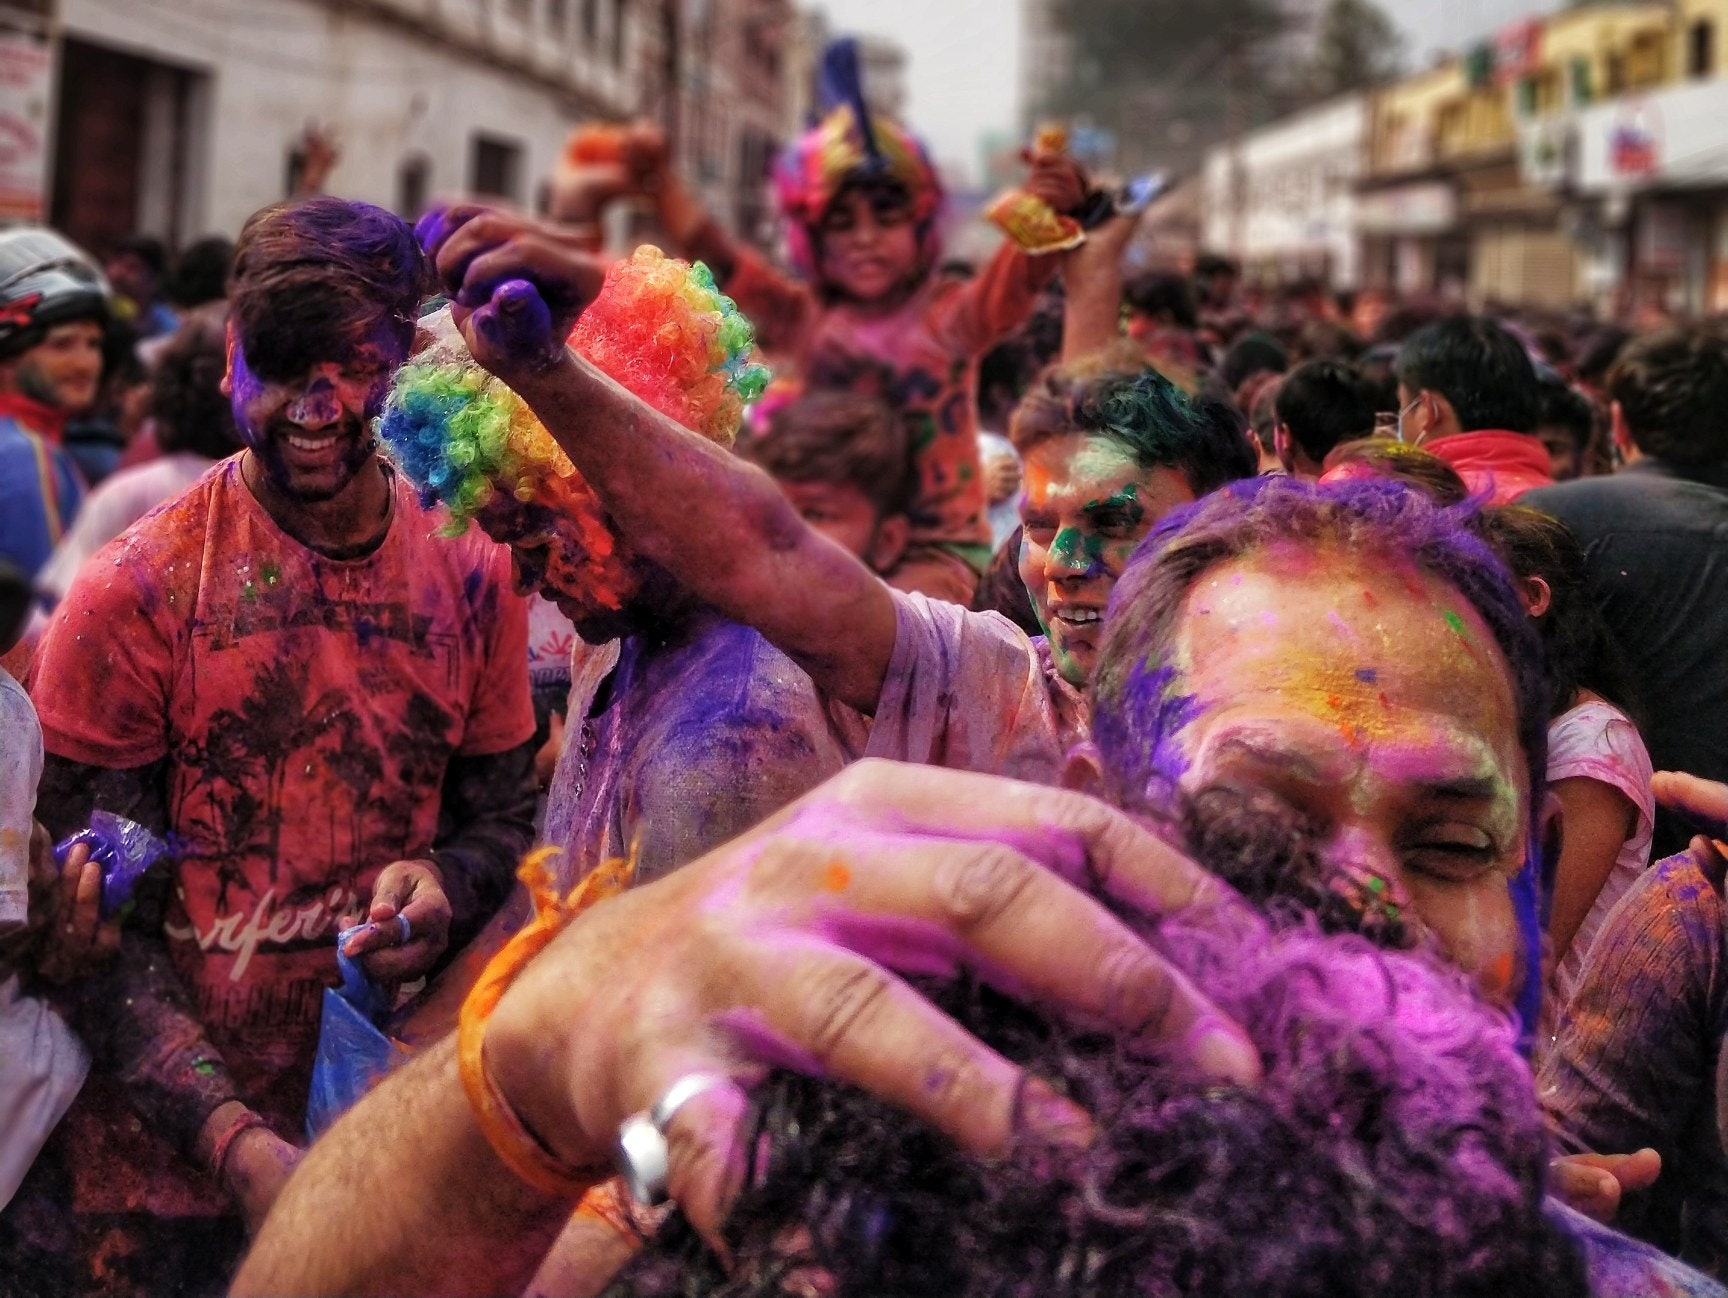 Nga lufta me domate tek spërkatja me piper për beqarët, njihuni me festivalet më të çuditshme dhe të çmendura në botë